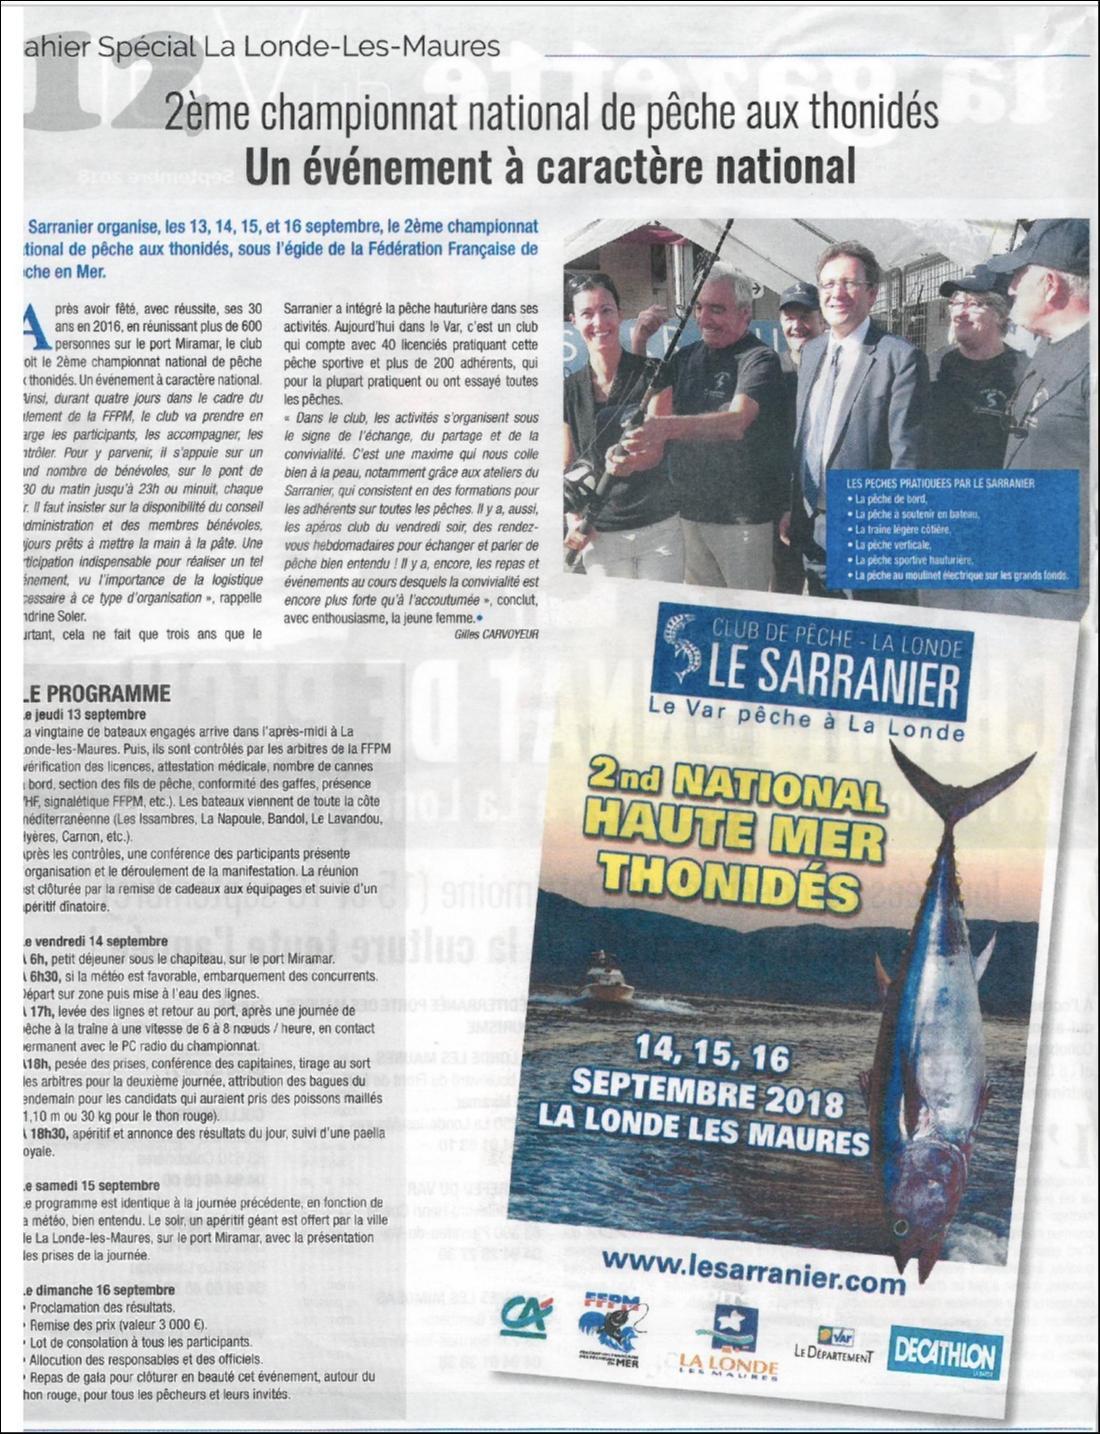 Le bulletin de La Londe annonce le National Thonidé